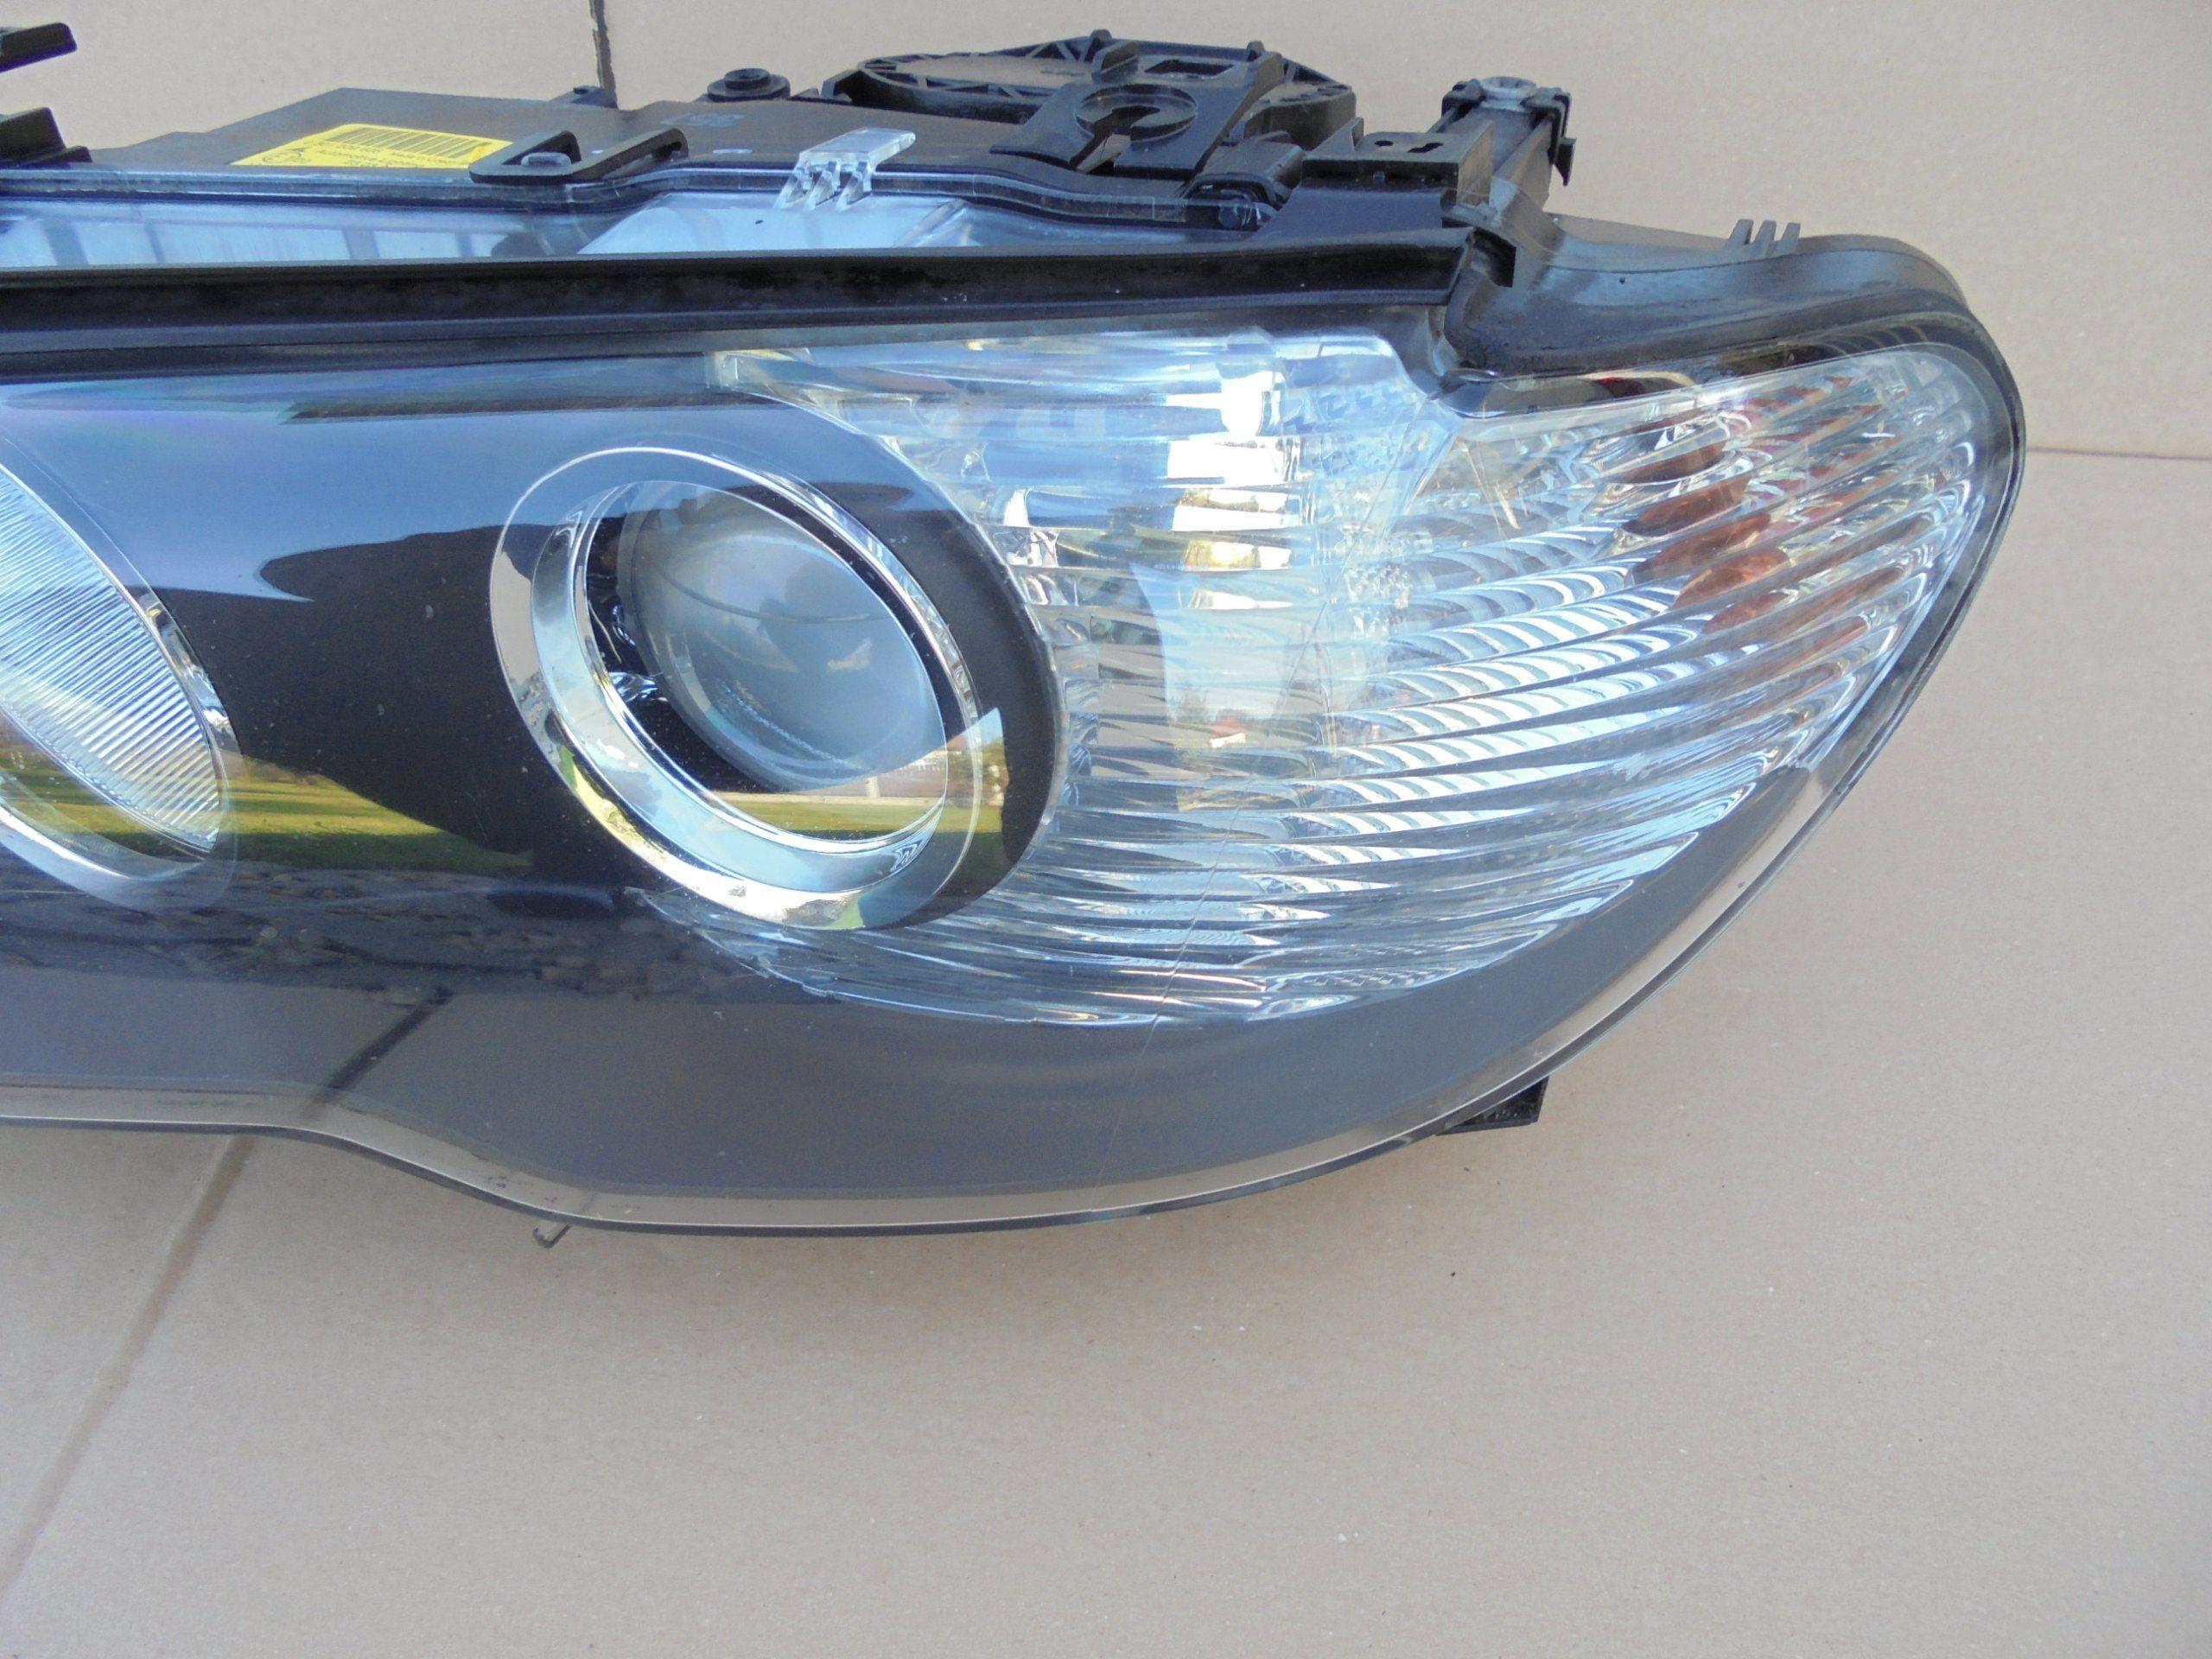 Lampa Przod Lewa Bmw E46 Coupe Cabrio 02 06 7125017096 Oficjalne Archiwum Allegro Bmw E46 Bmw Suv Bmw Wagon